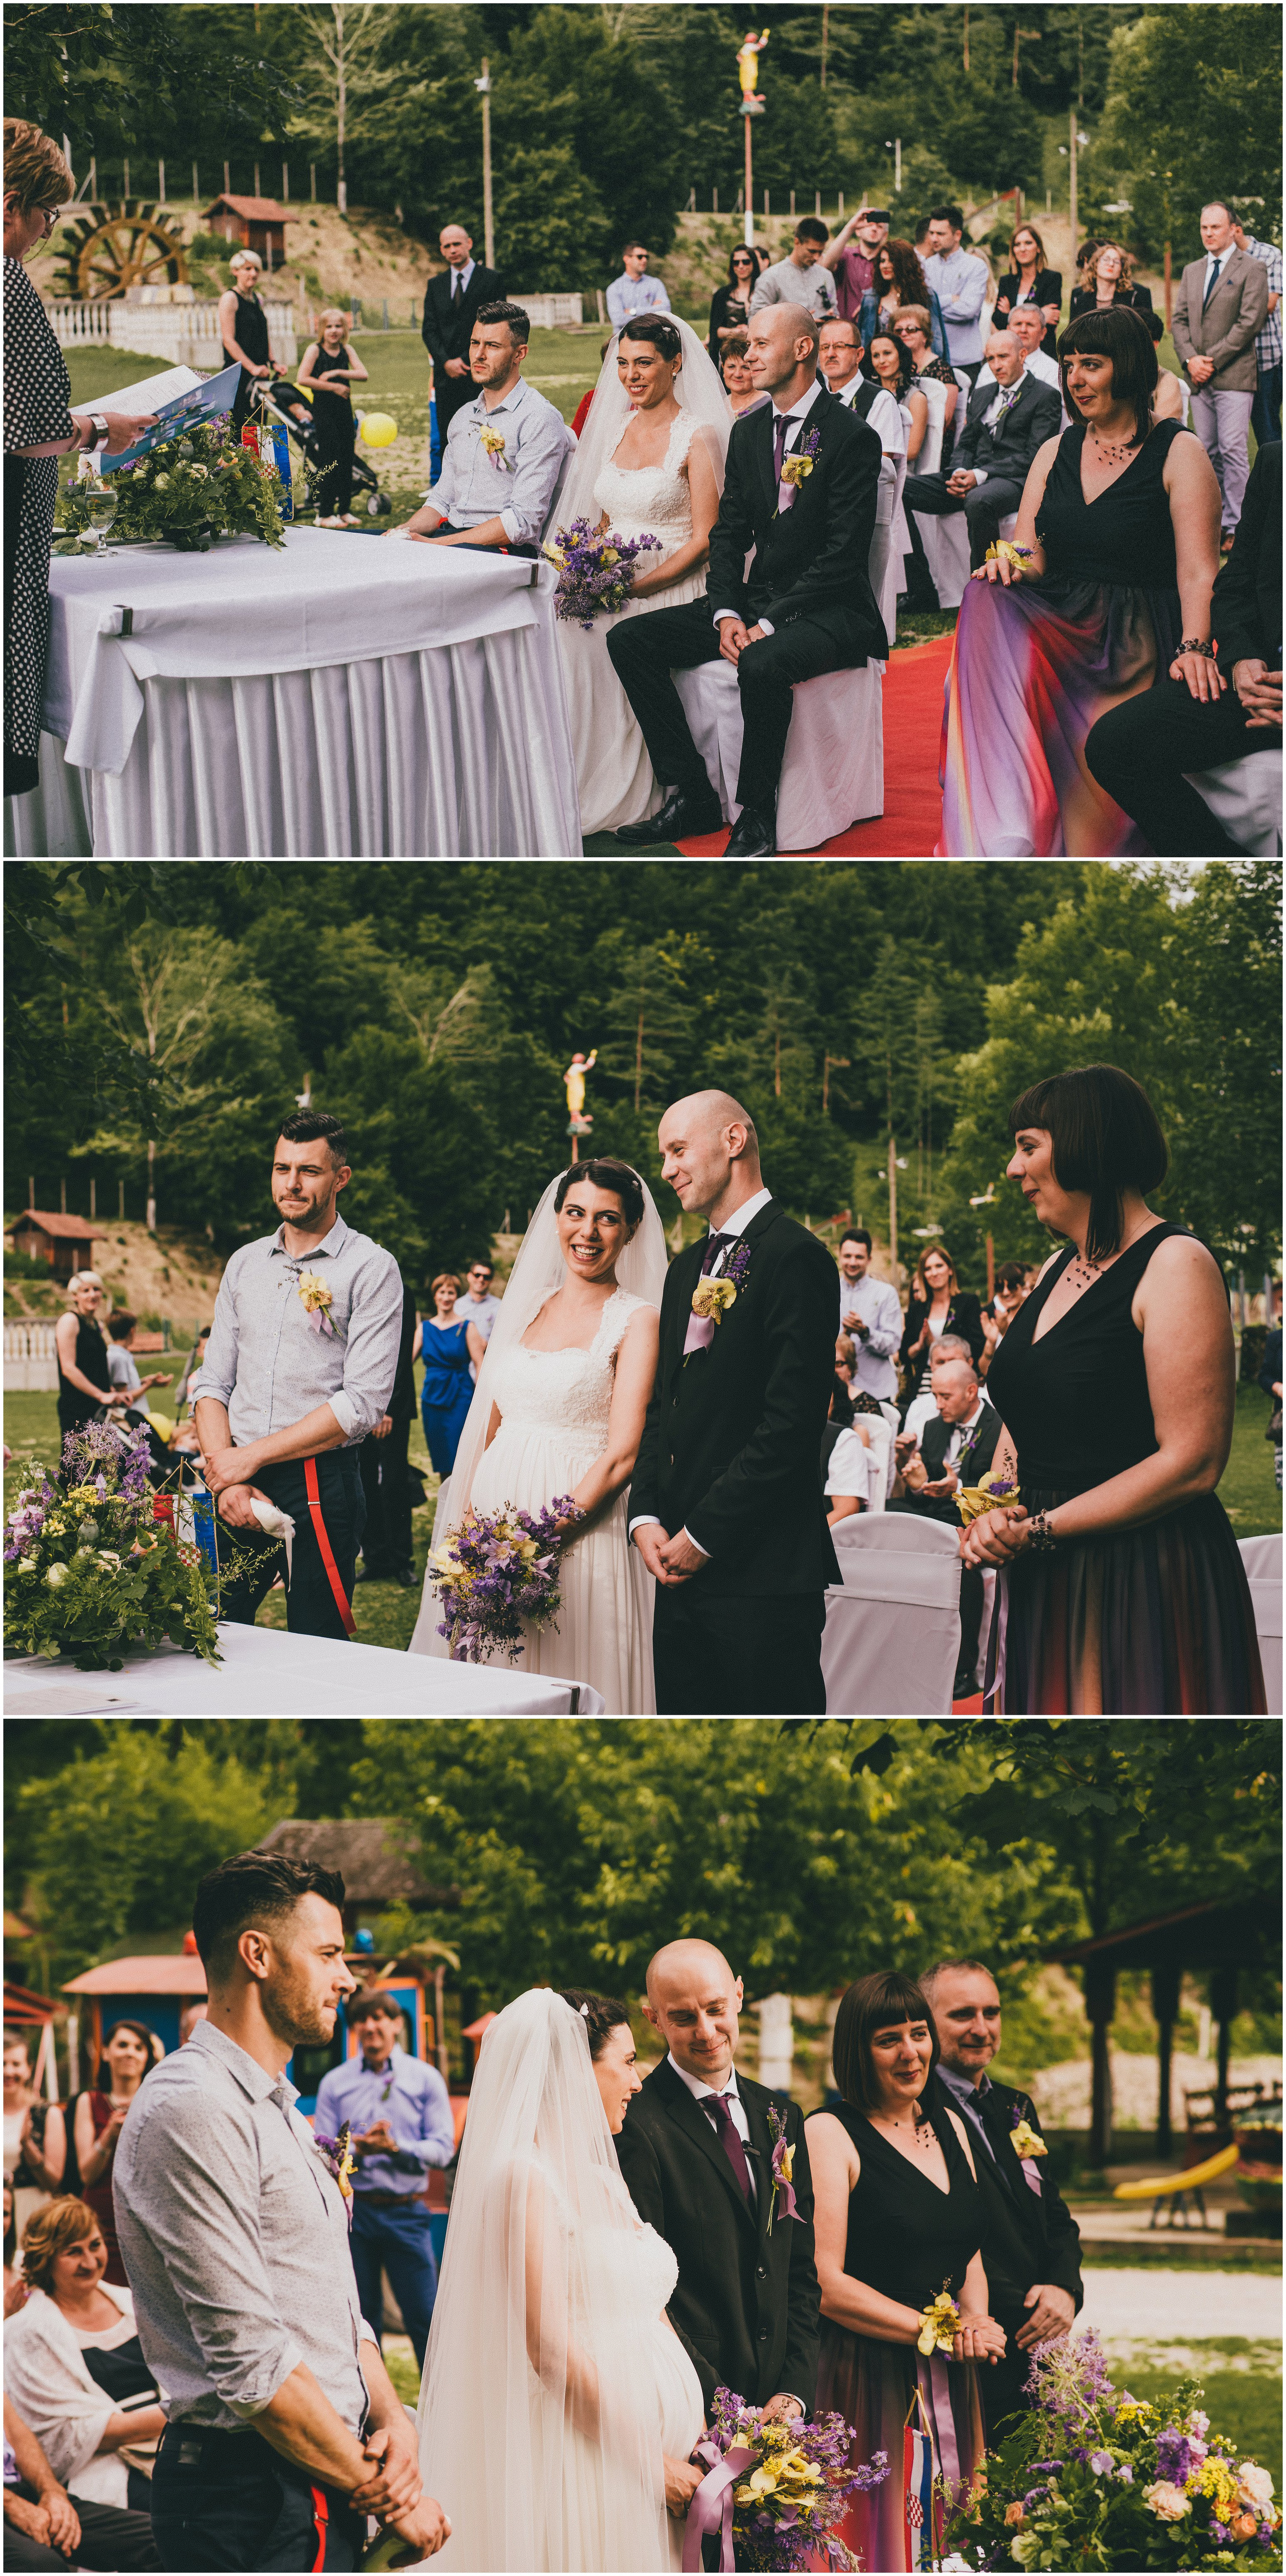 Mladenci i kumovi na vjenčanju na otvorenom, razmjena prstenja